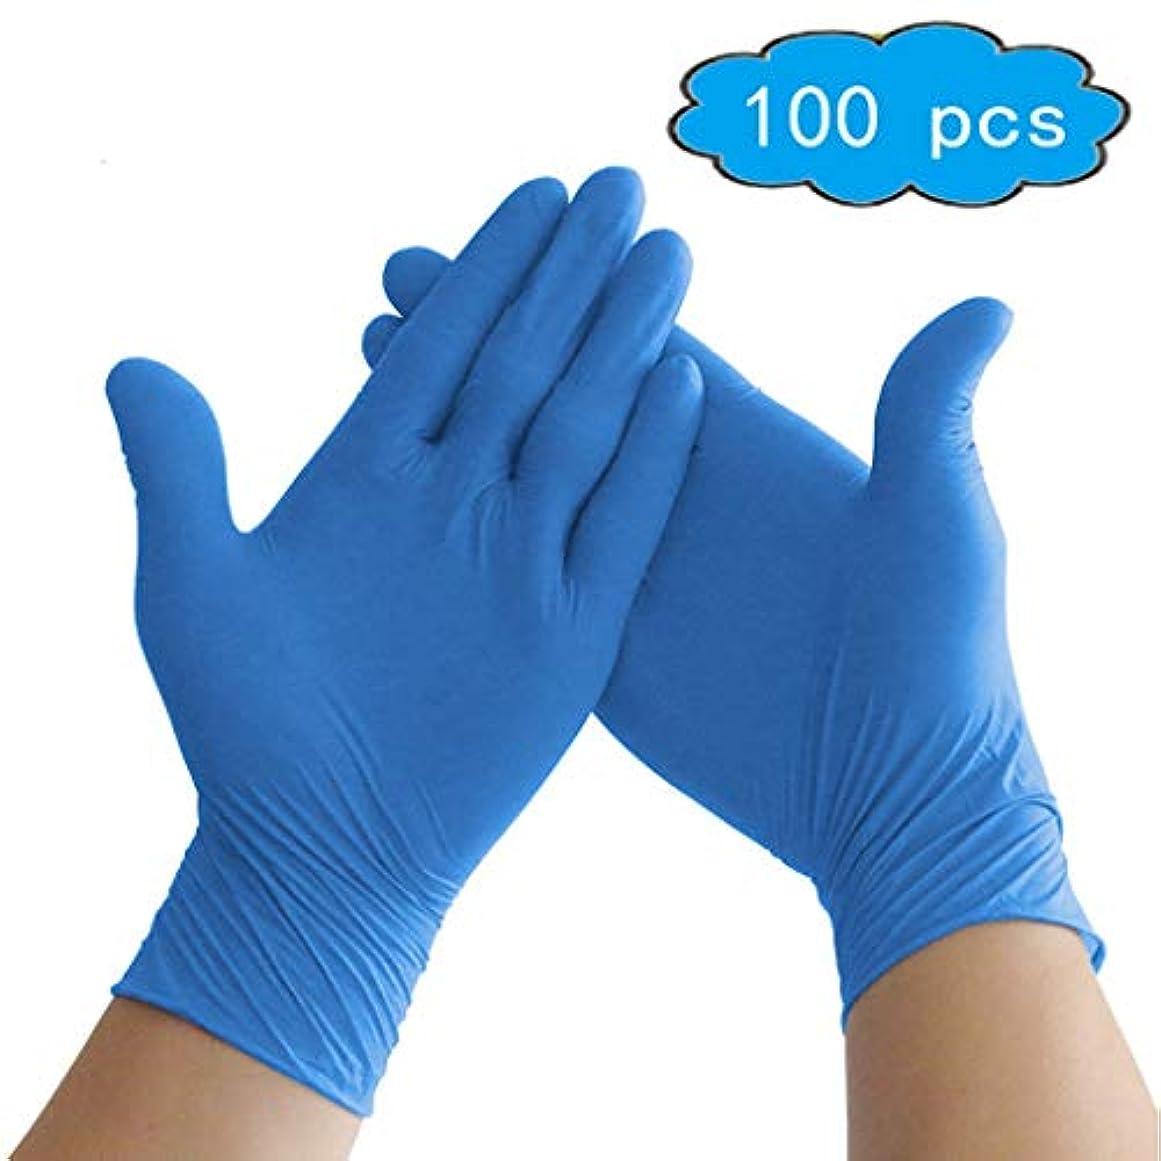 代わりにを立てるクランシーファンブルニトリル手袋工業、パウダーフリー、使い捨て、ブルー(100箱)衛生手袋 (Color : Blue, Size : S)